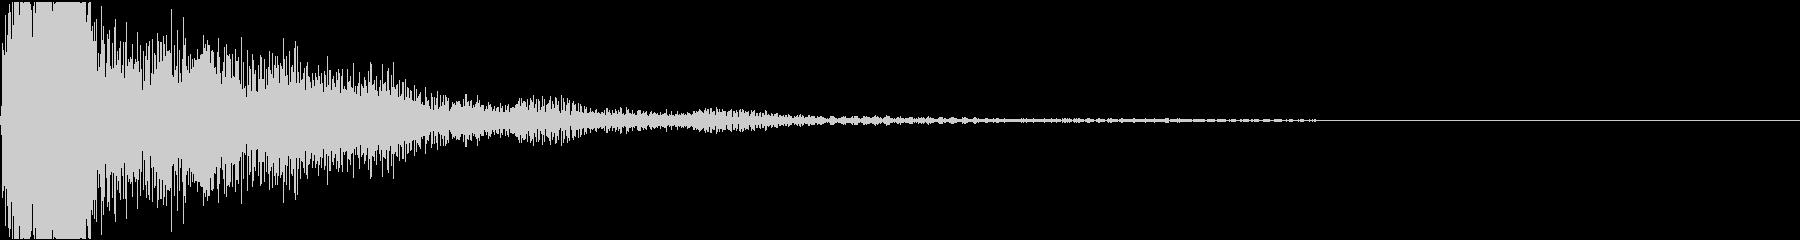 ファ♯/ソ♭単音のオーケストラルヒットの未再生の波形